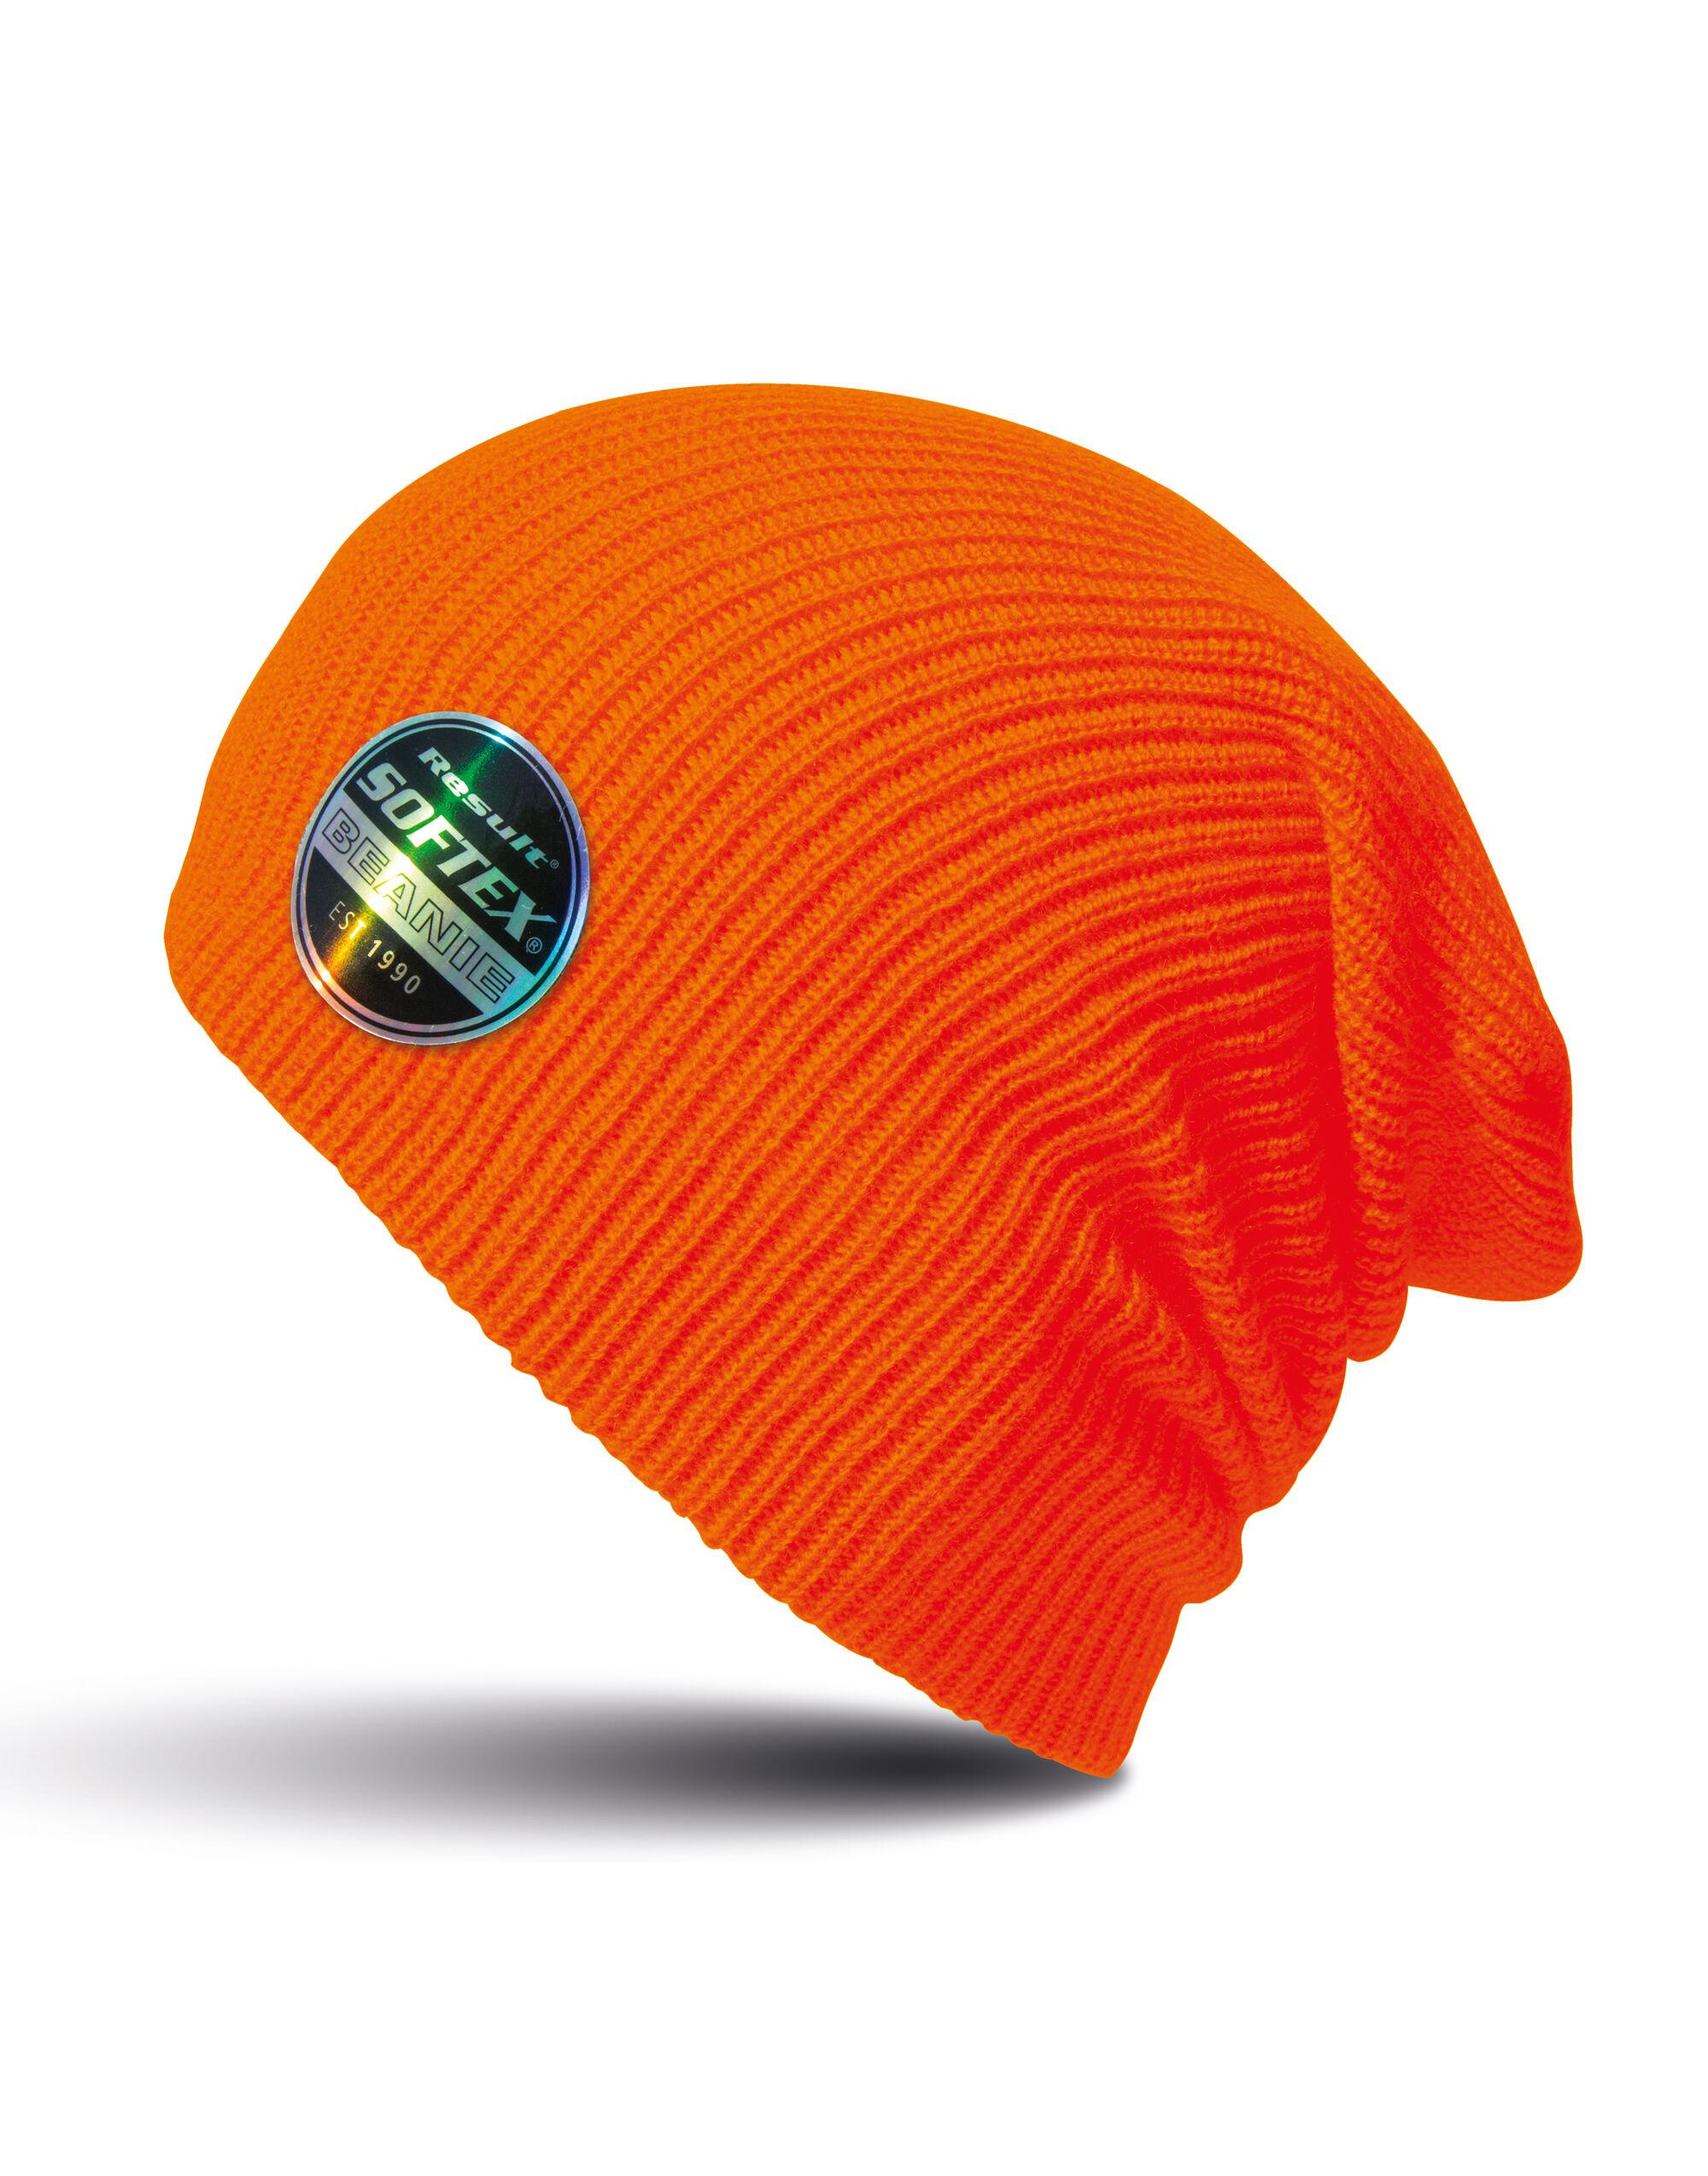 Softex Beanie Hat